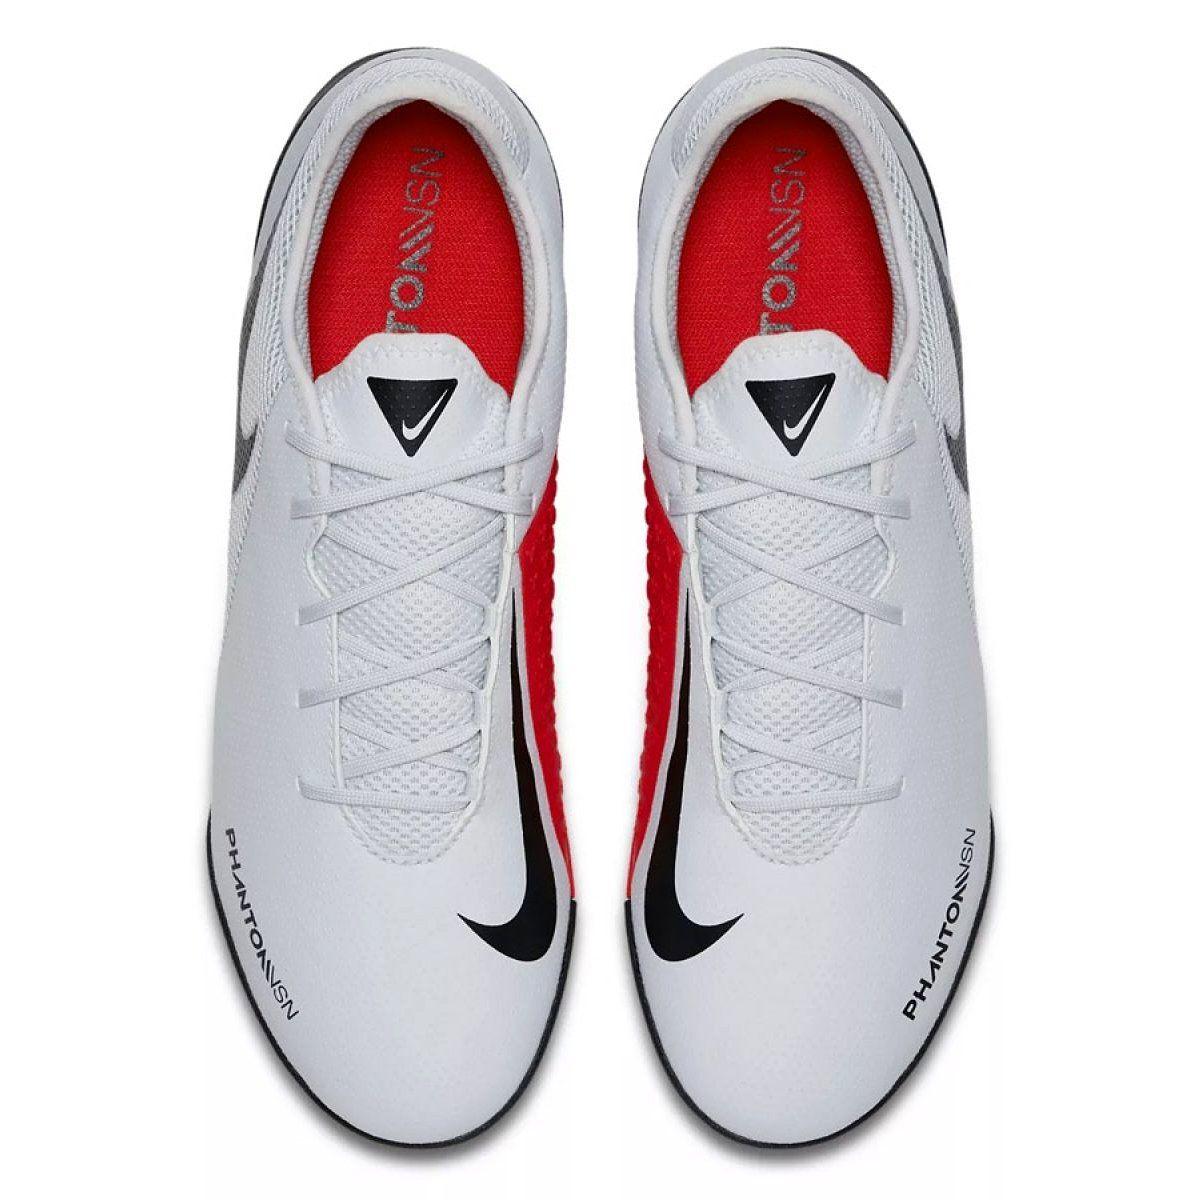 Buty Pilkarskie Nike Phantom Vsn Academy Tf M Ao3223 060 Biale Wielokolorowe Football Shoes Nike Nike Shoes